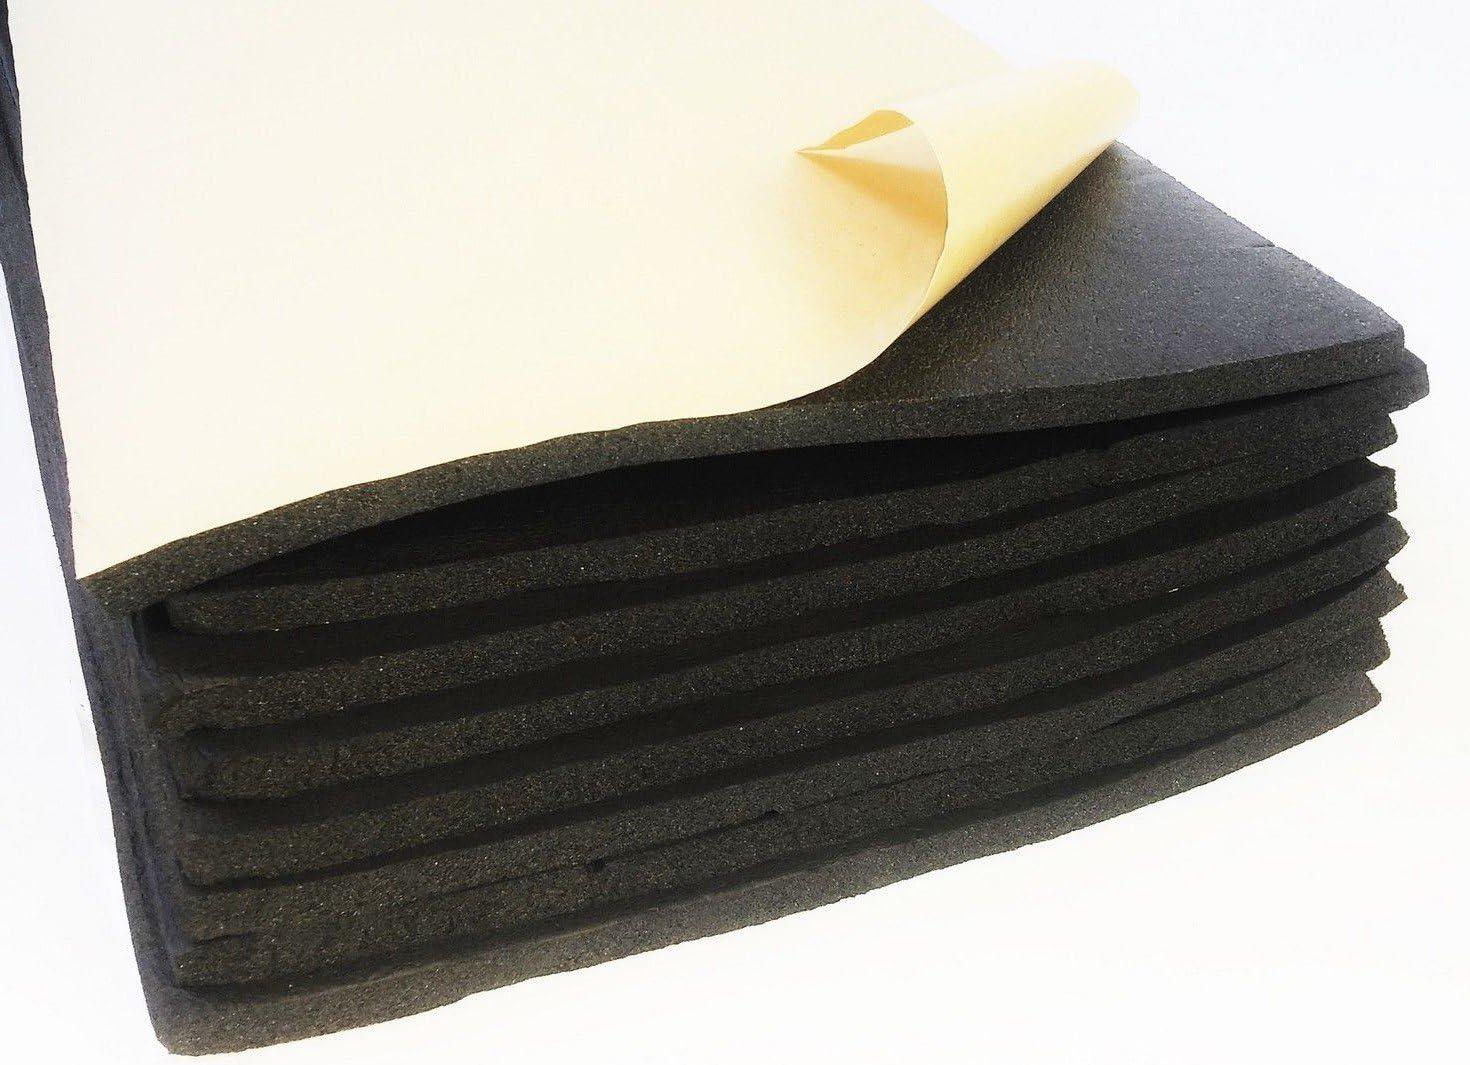 UK 12 Sheets 10mm Cell Foam Car Van Sound Proofing Deadening Van Boat Insulation